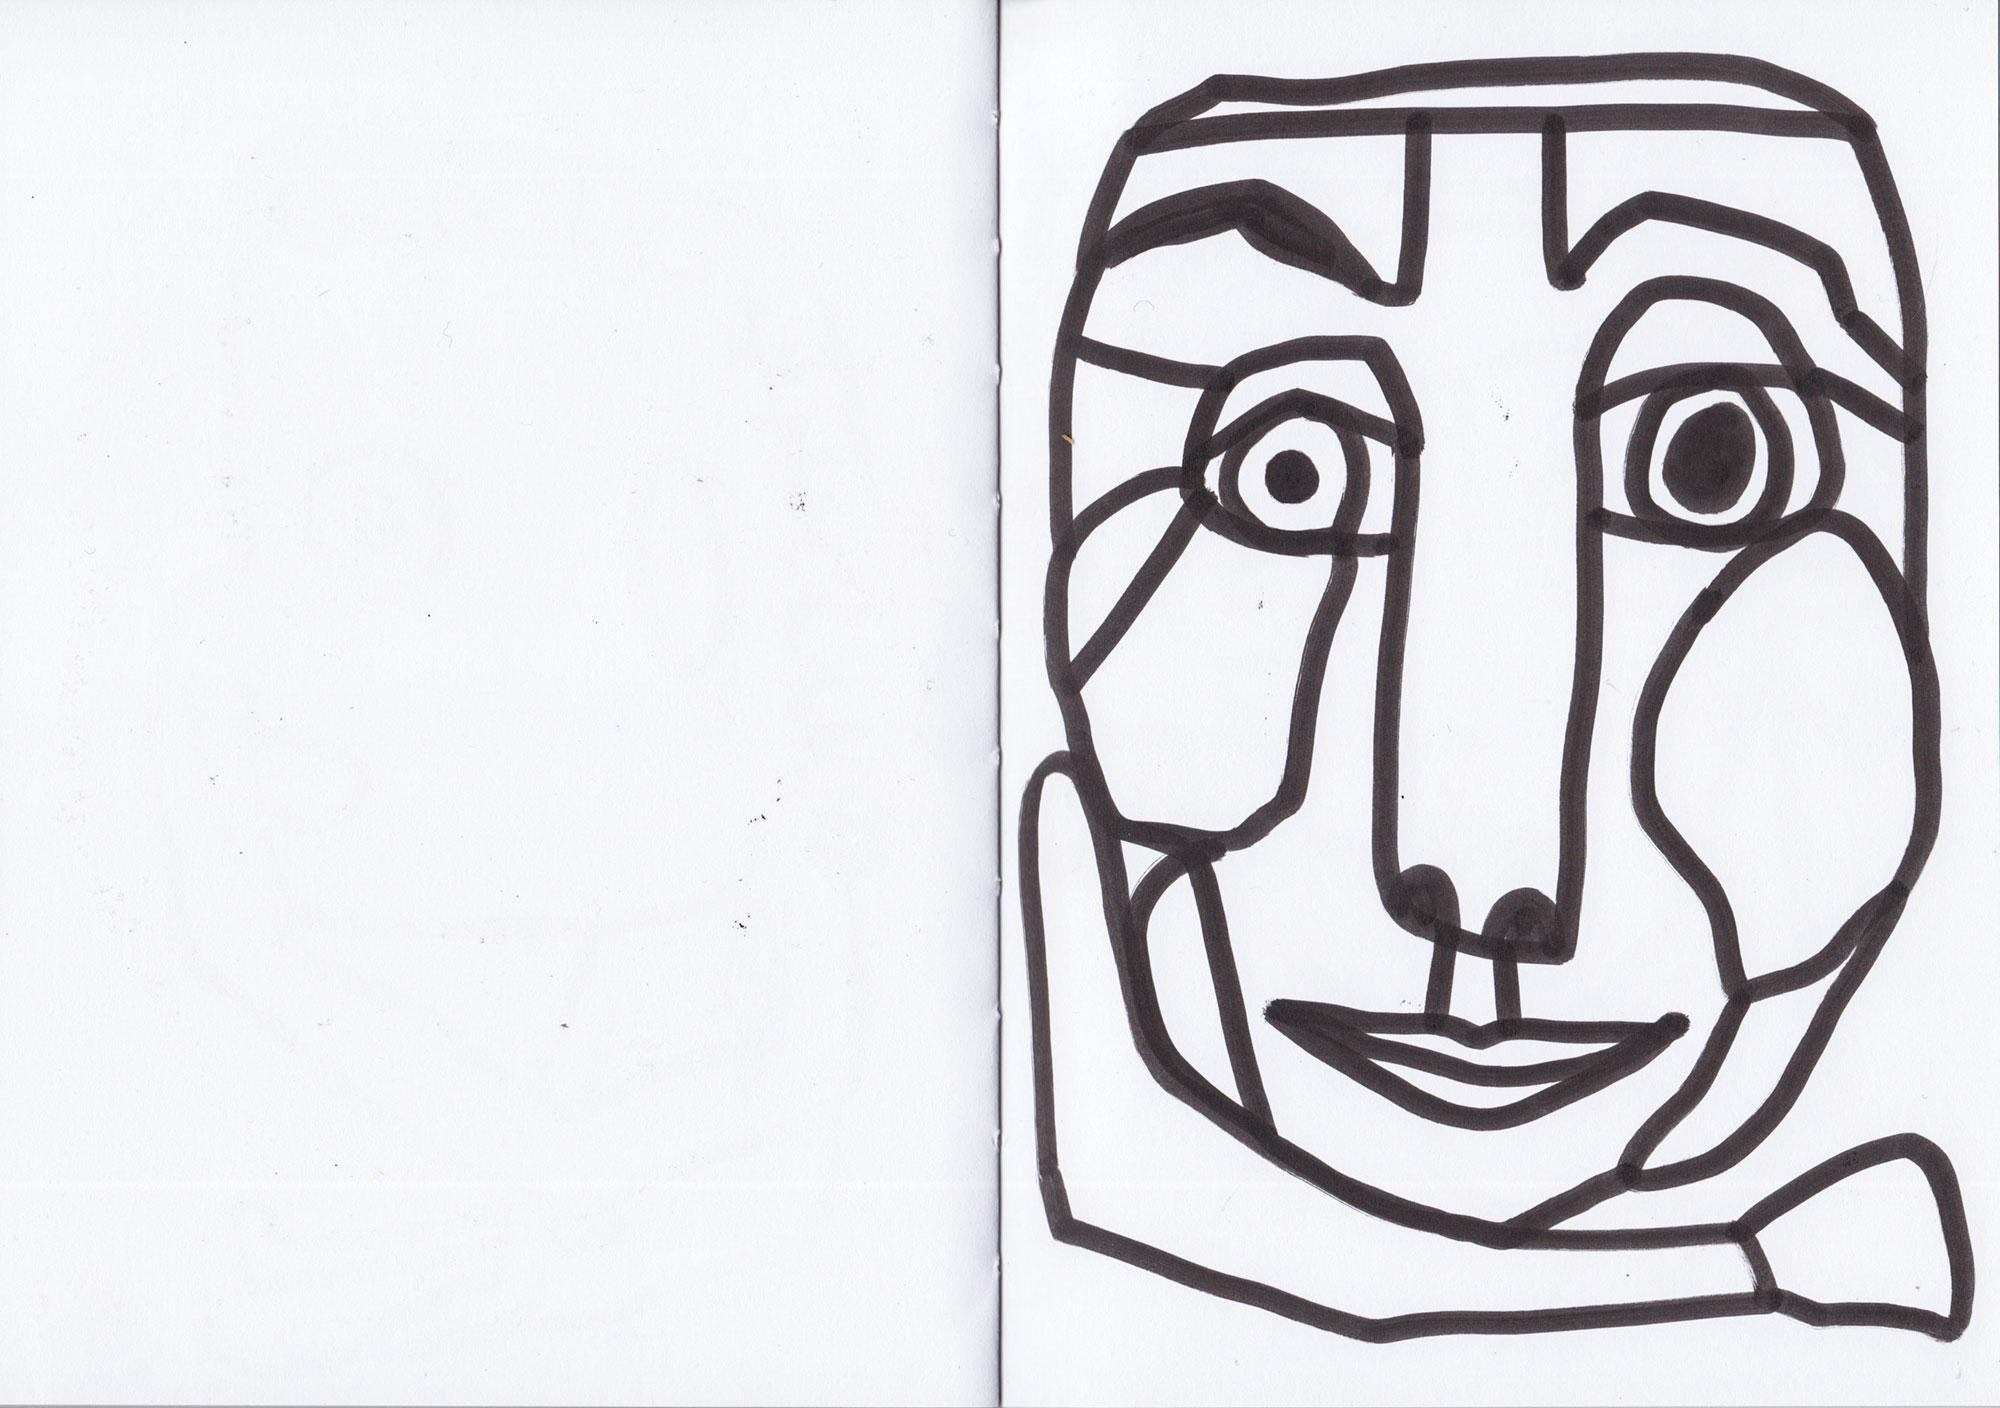 18-Scan-Book-FACES-DA-22